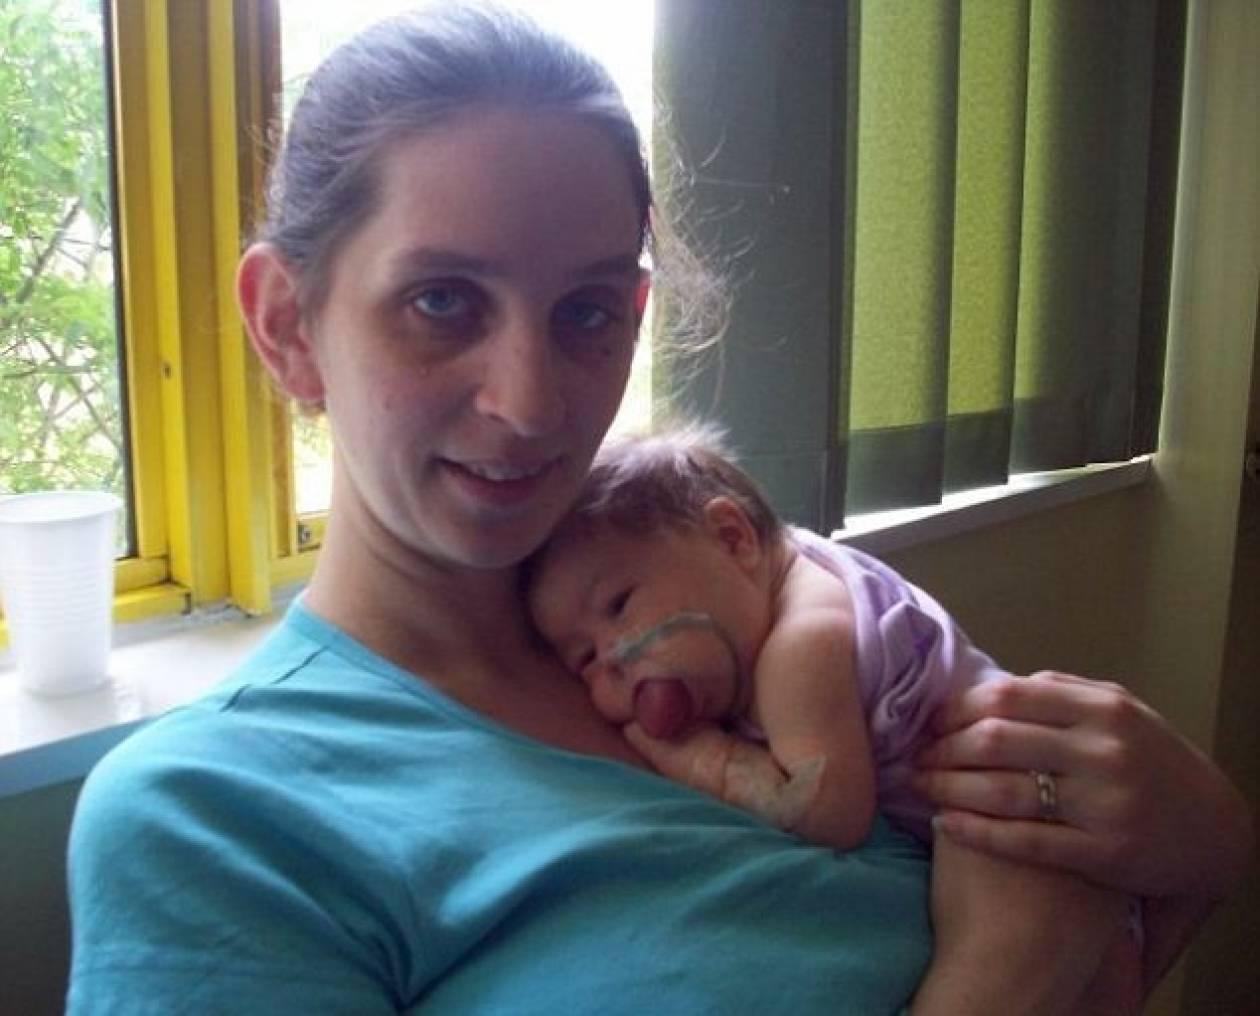 Συγκλονιστικό: Η γλώσσα της μεγάλωνε συνέχεια από τότε που γεννήθηκε